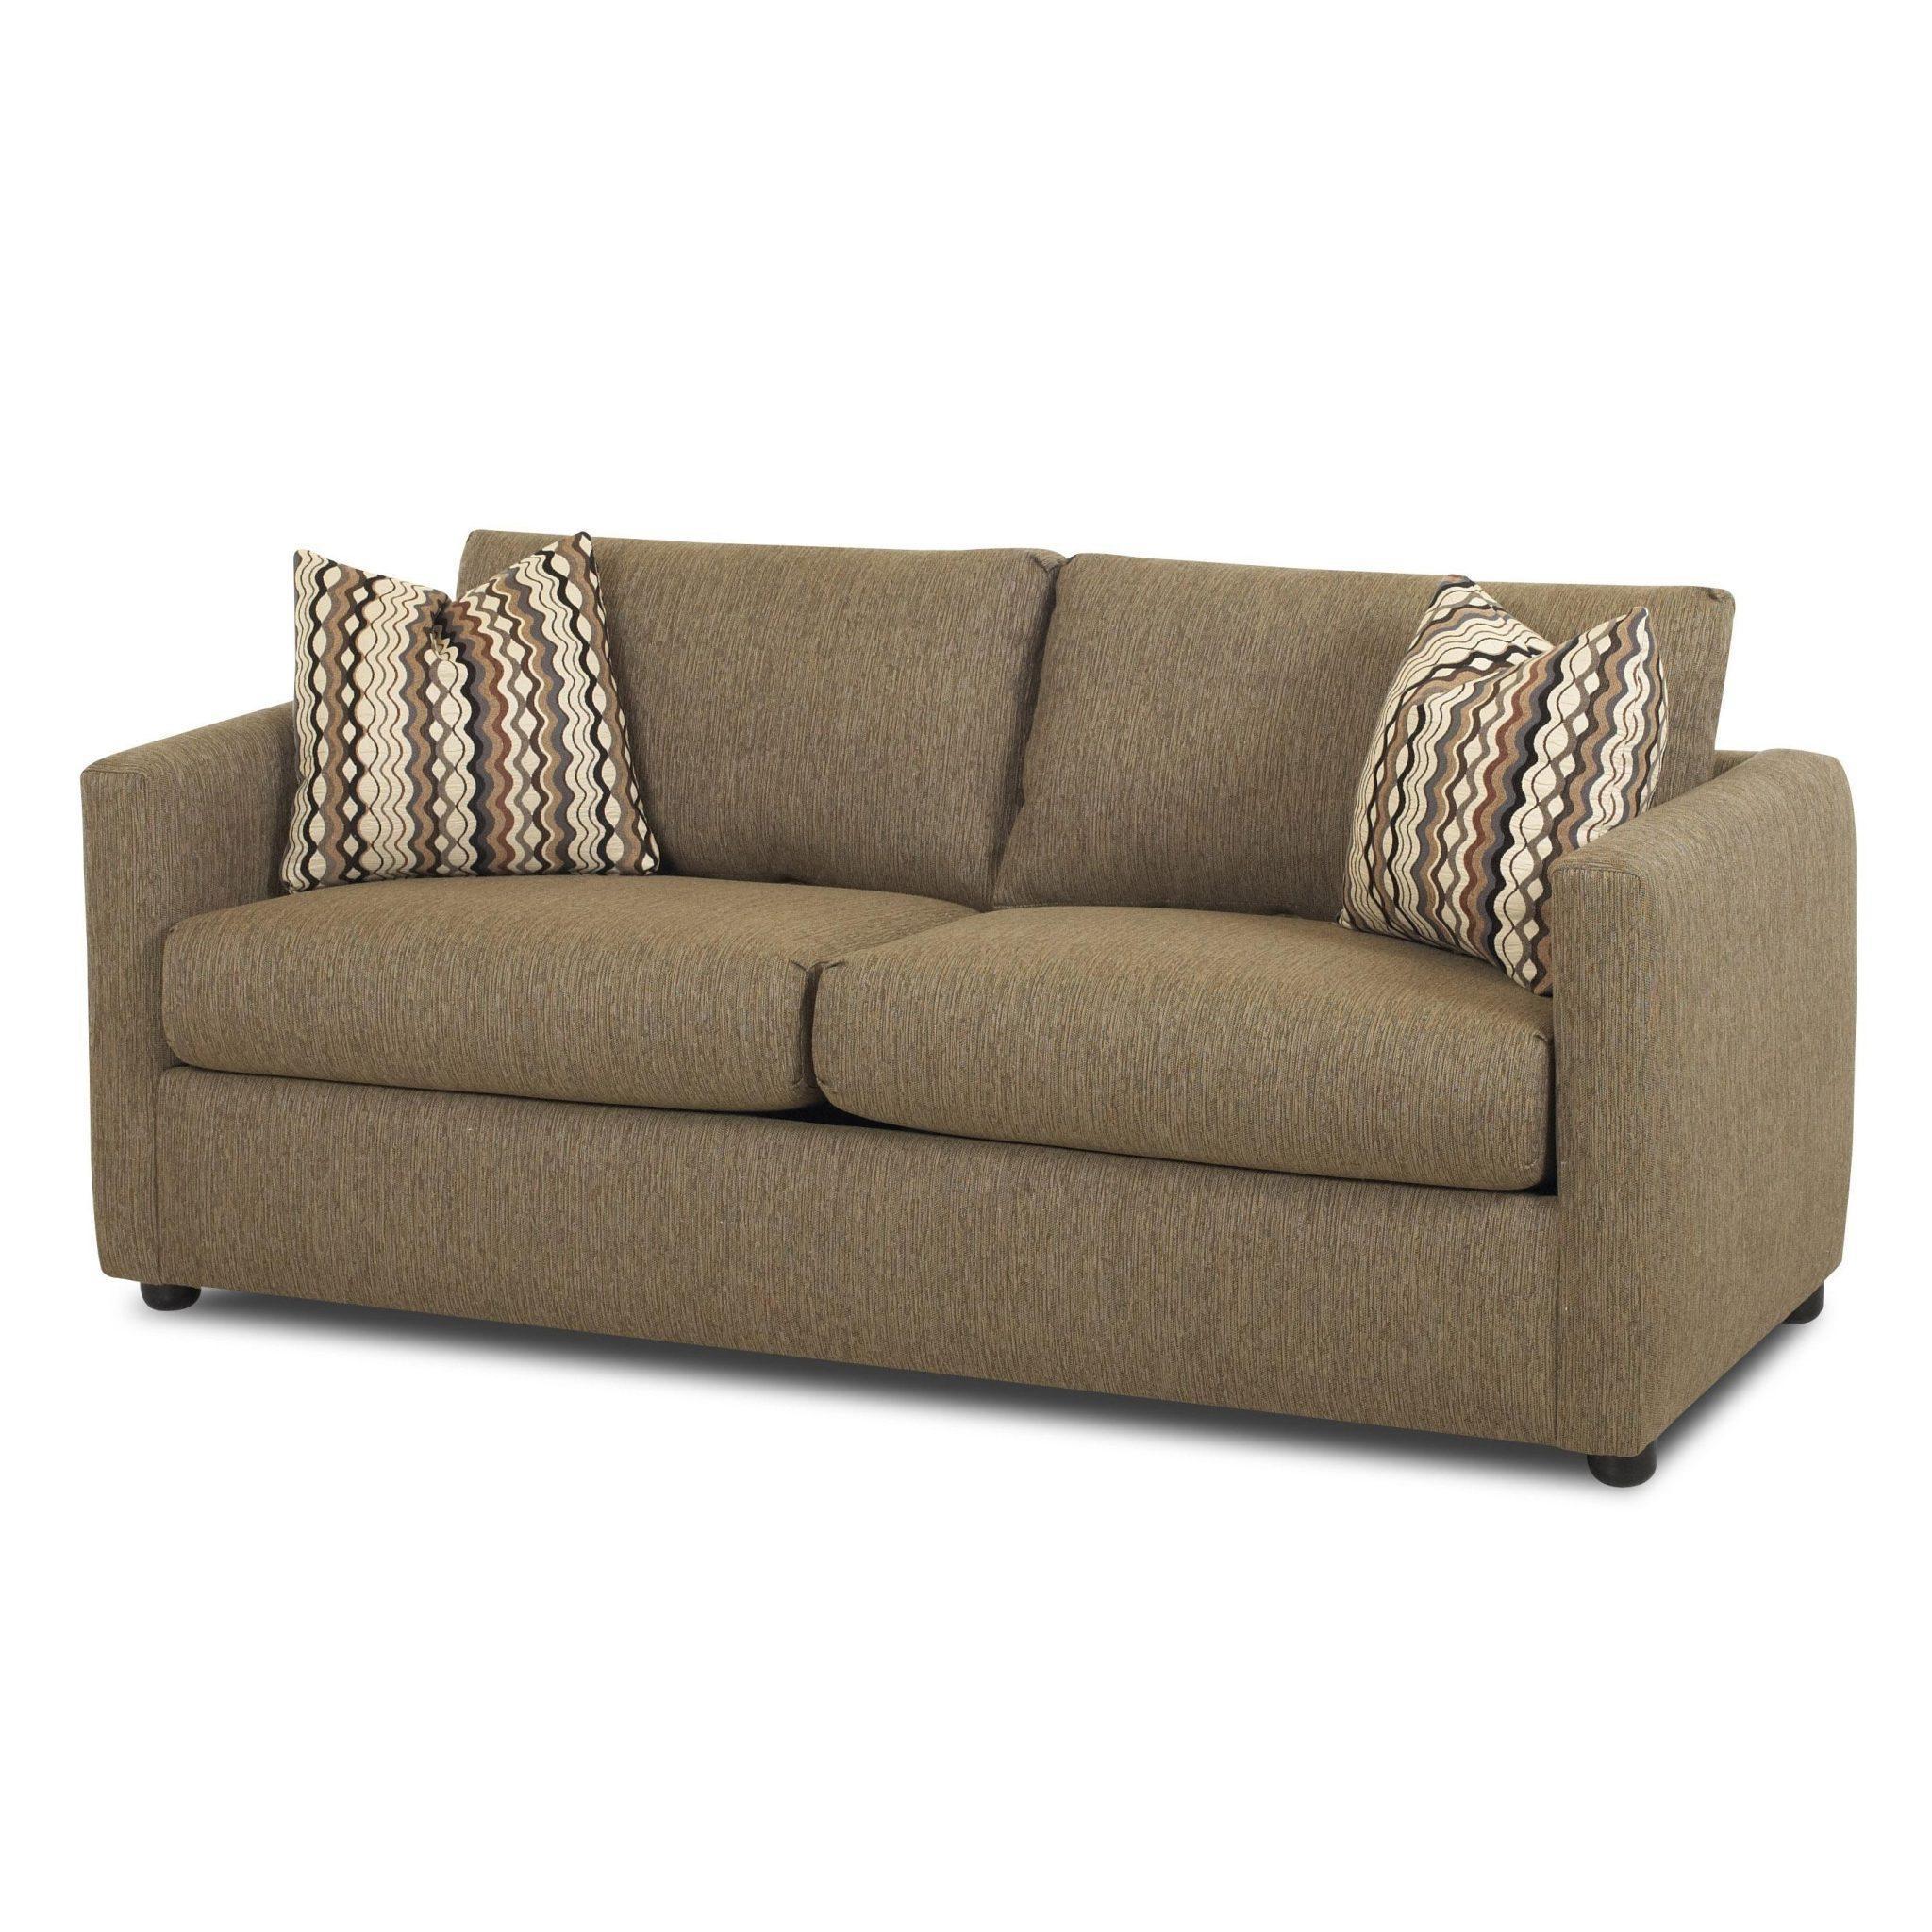 Sleeper Sofa Austin With Design Photo 23427 | Kengire Regarding Austin Sleeper Sofas (View 14 of 20)